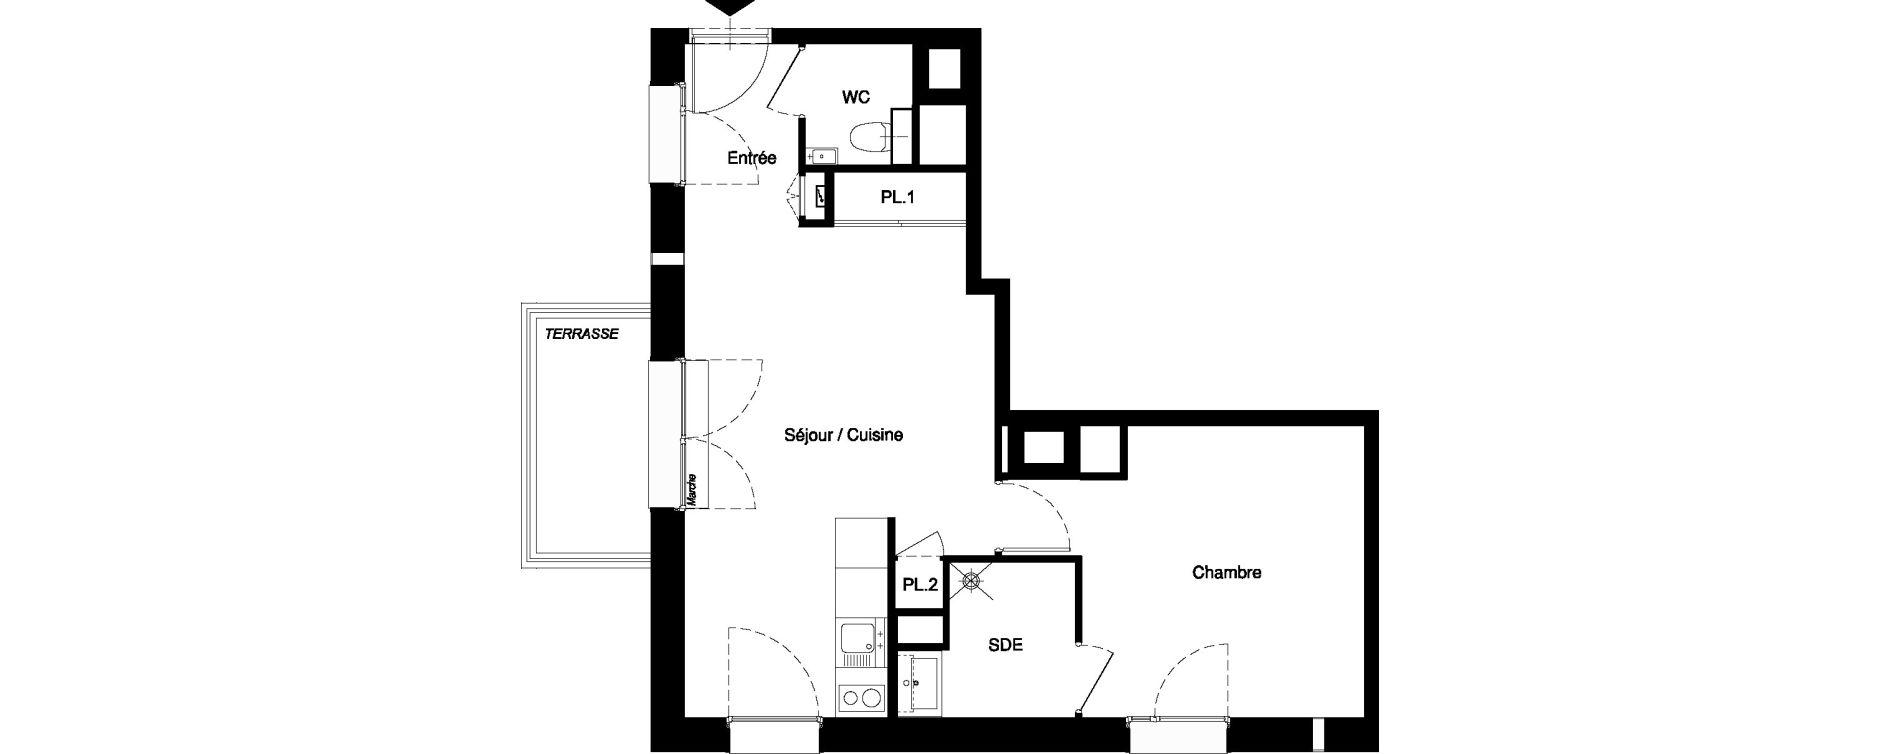 Appartement T2 meublé de 42,67 m2 à Nancy Rives de meurthe